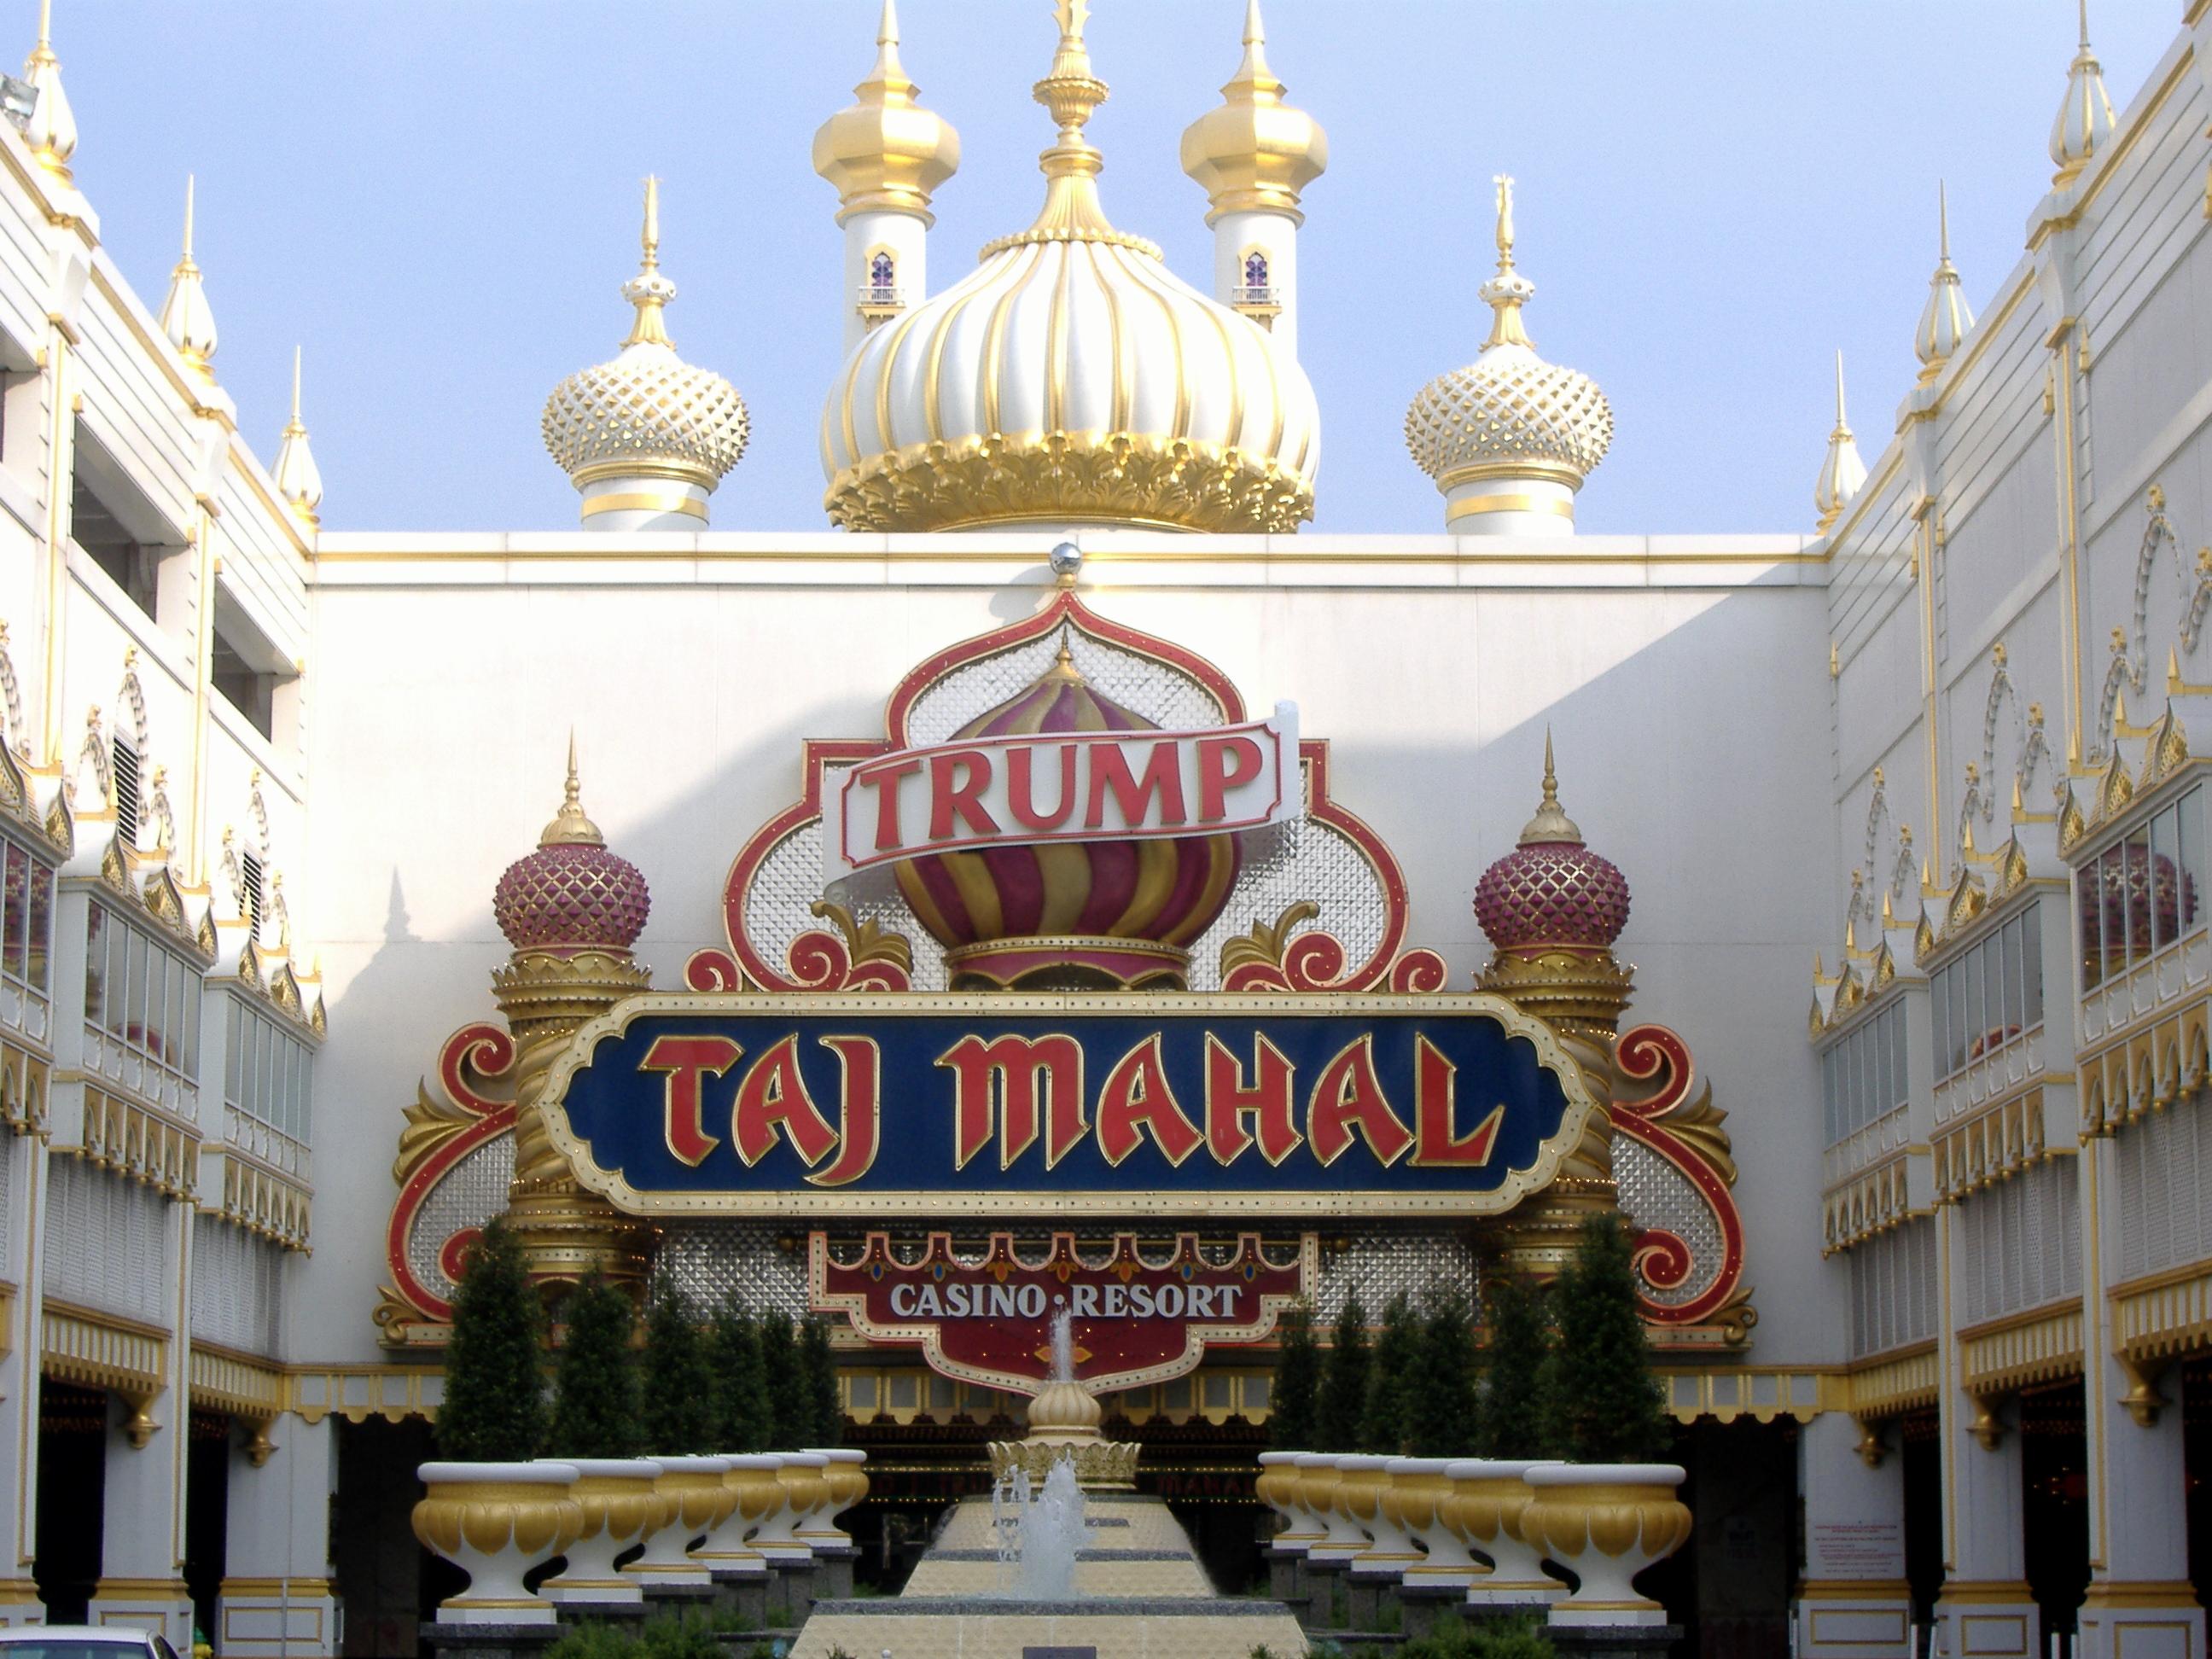 Trump Taj Mahal closure